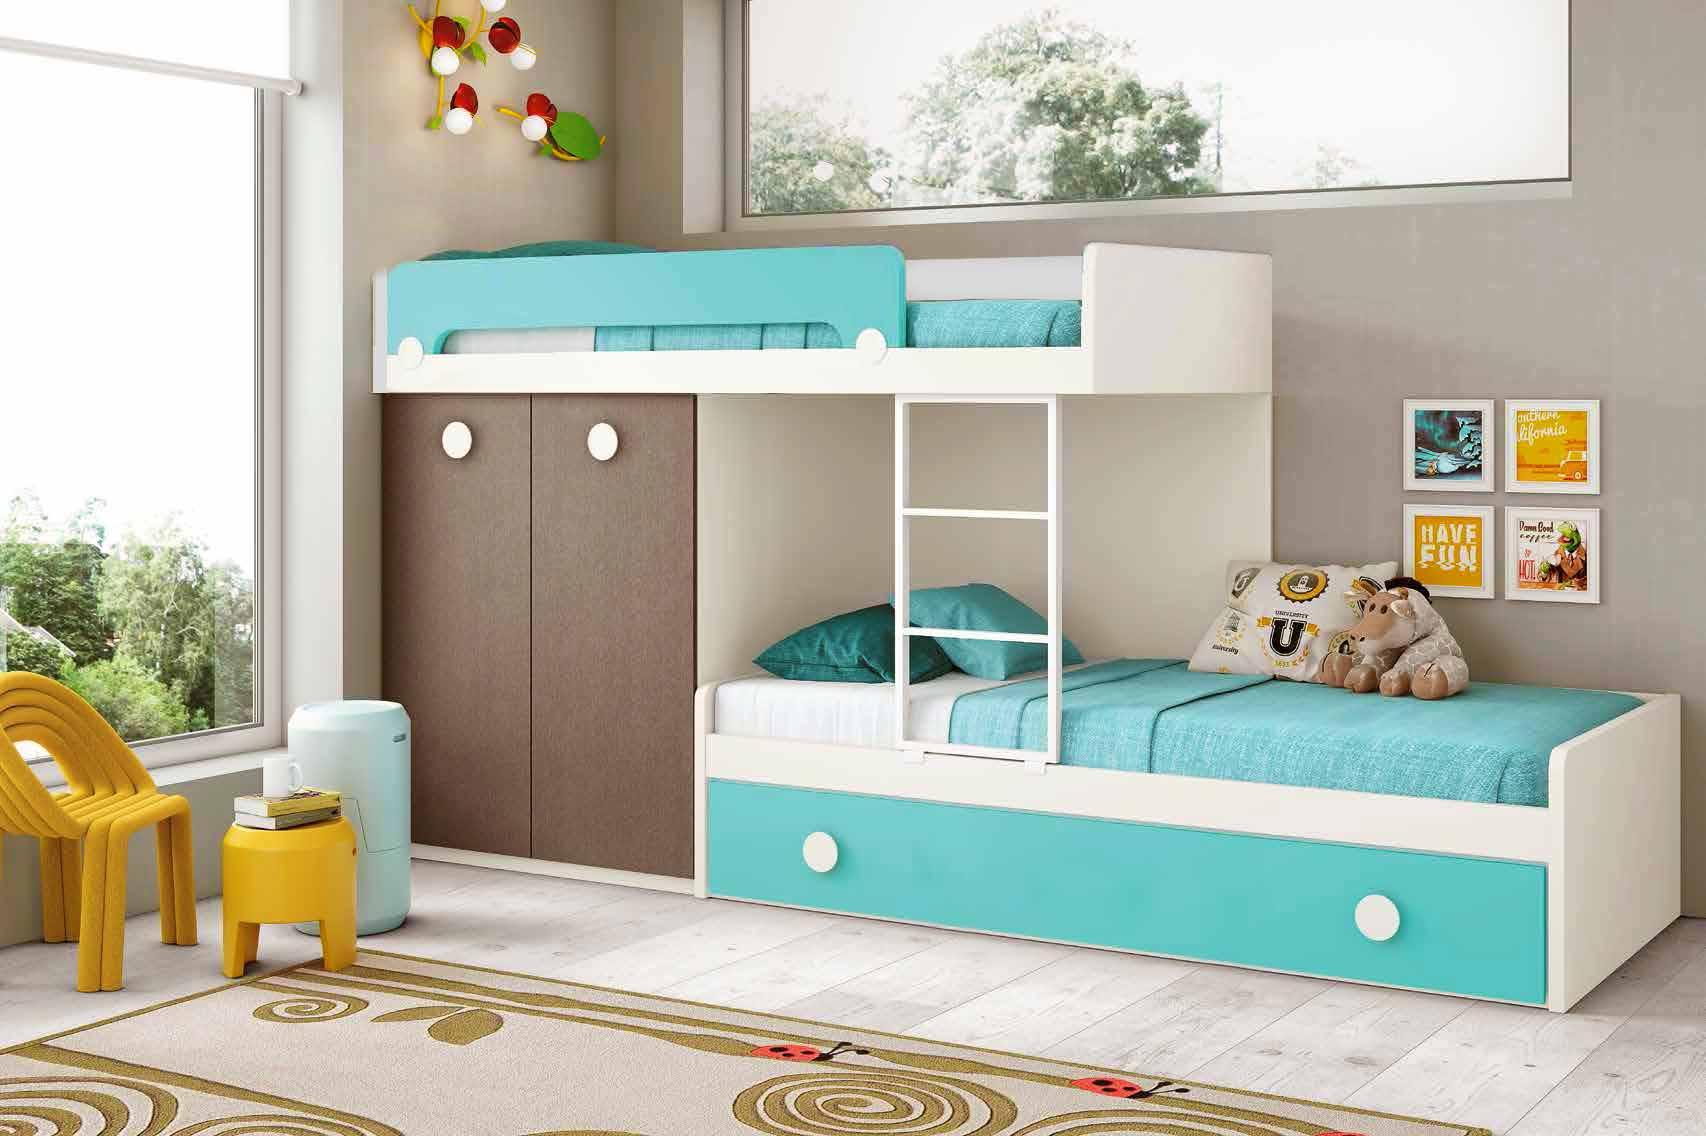 Lit superposé enfant avec lit gigogne composition L203-1 - GLICERIO